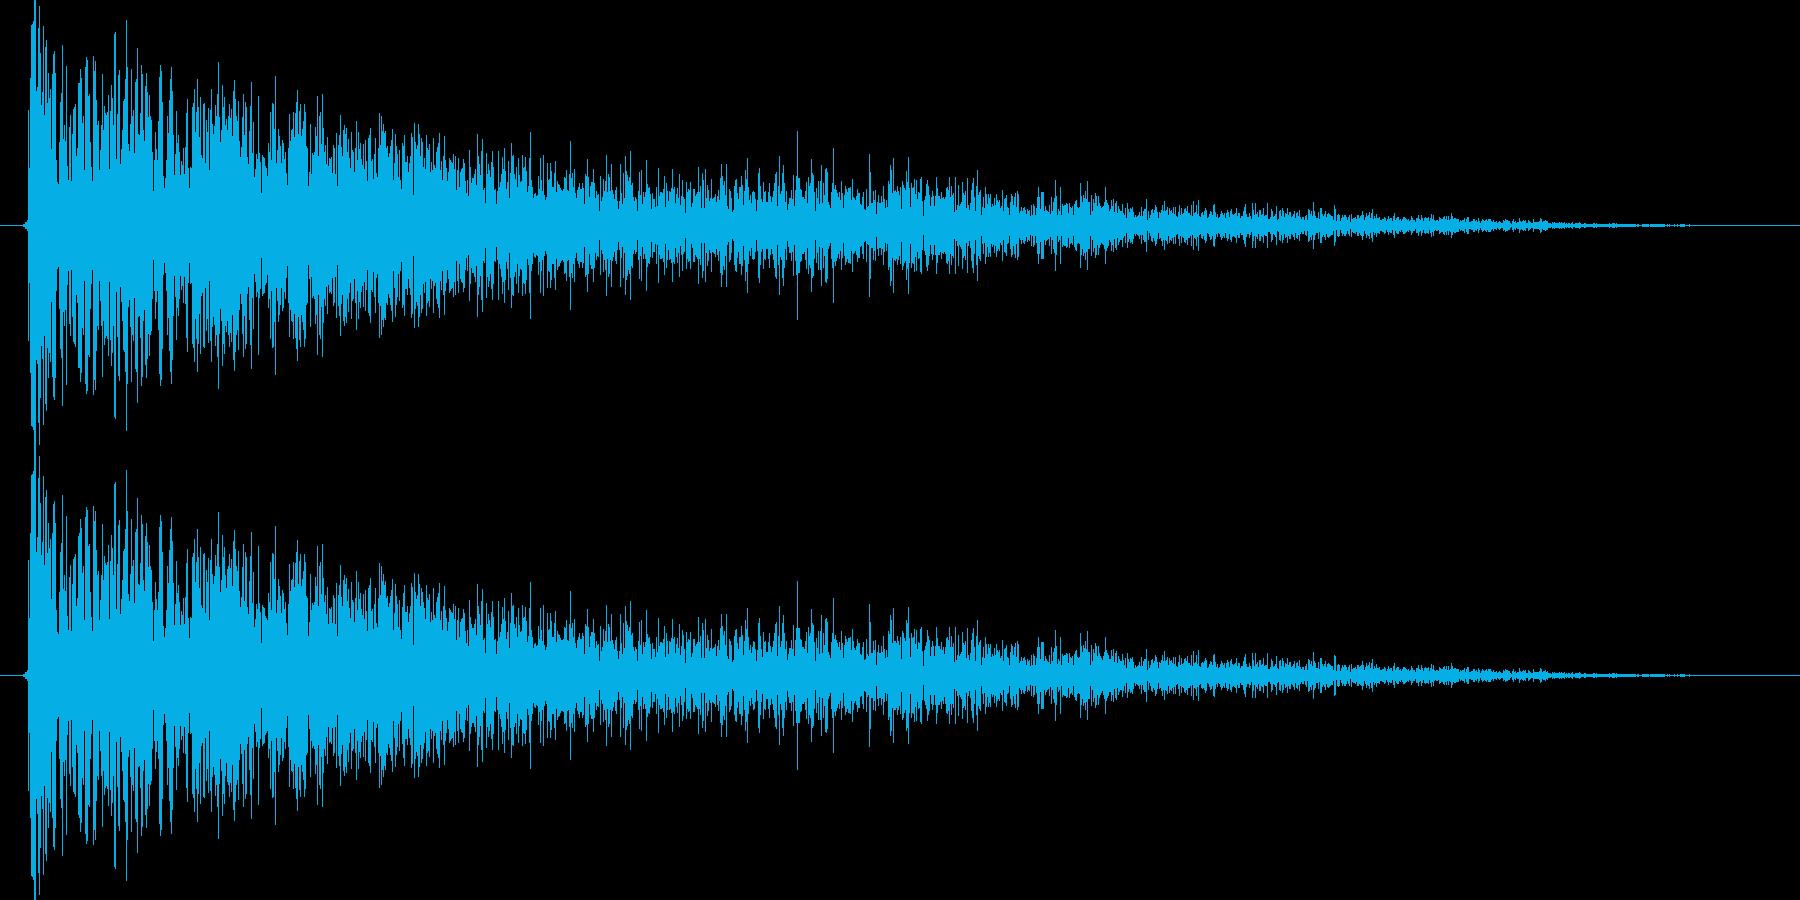 ピシューン!(レーザーガン発射音)Aの再生済みの波形